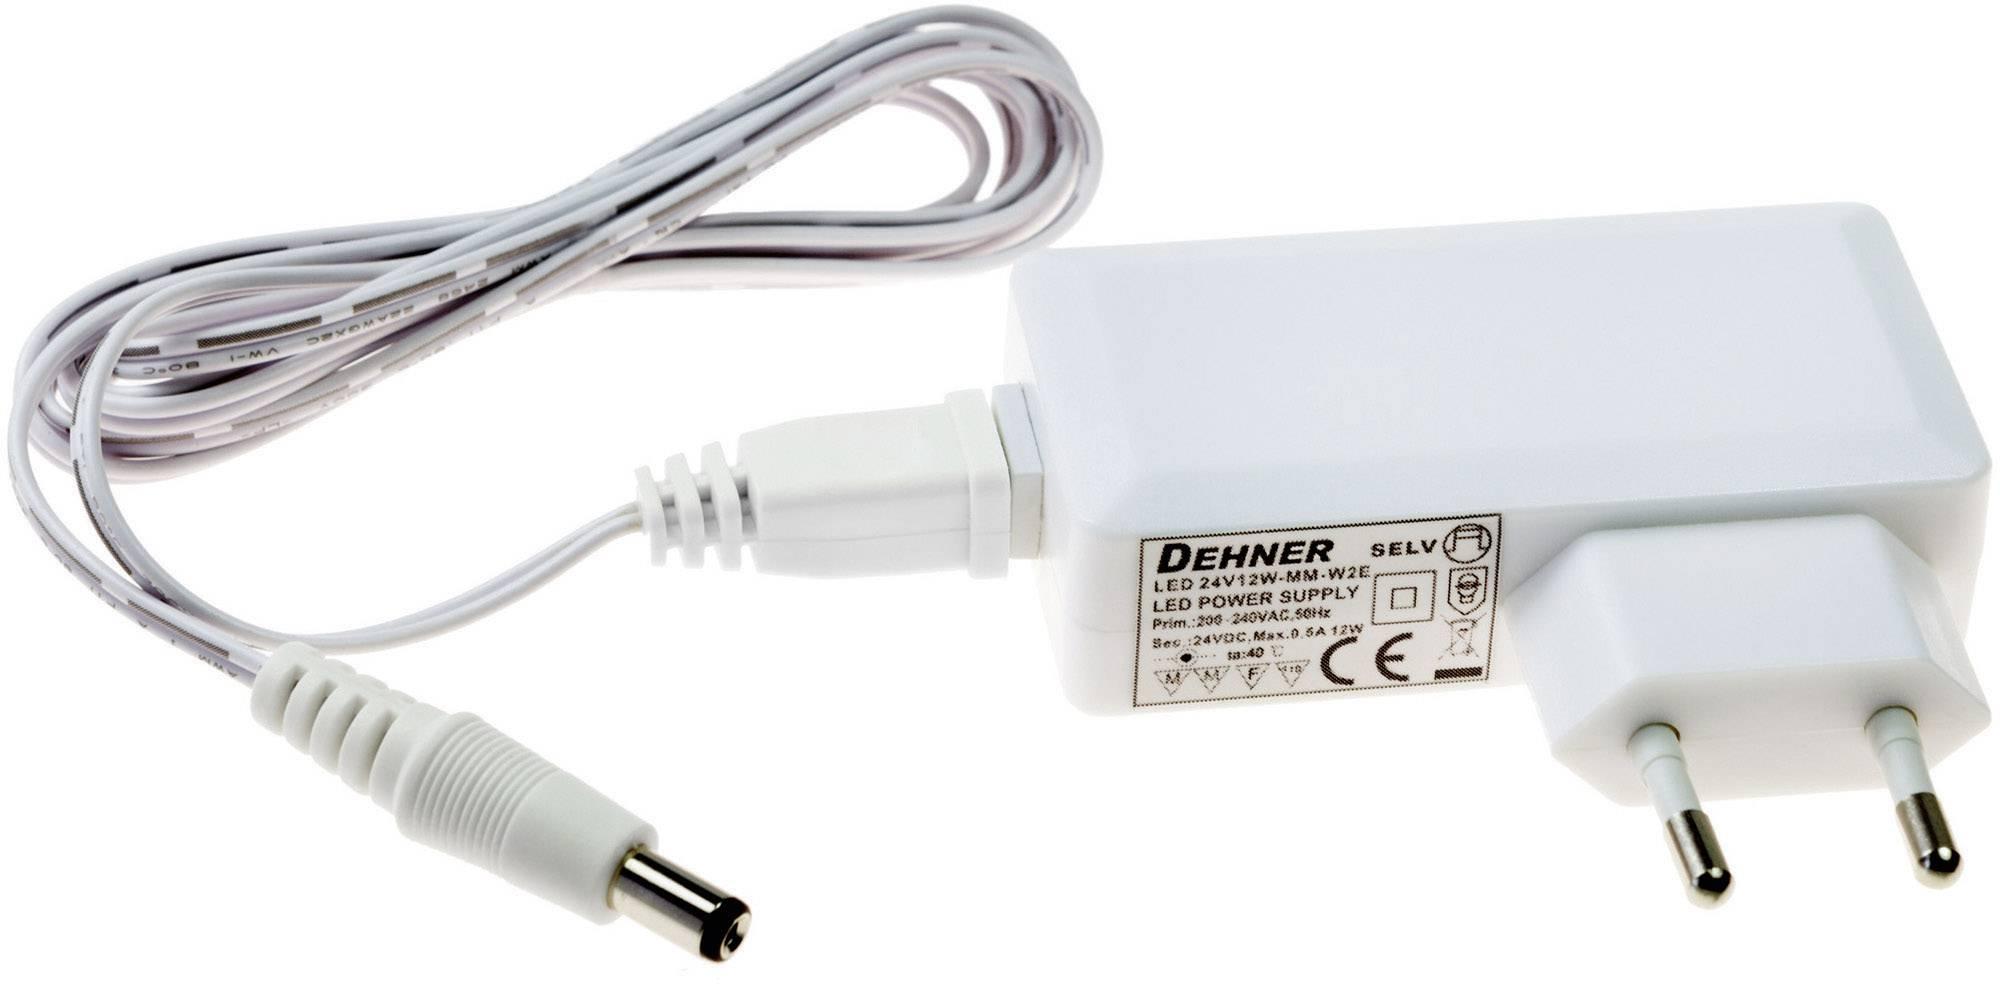 Napájací zdroj pre LED Dehner Elektronik LED 24V12W-MM-W2E, 12 W (max), 0.5 A, 24 V/DC